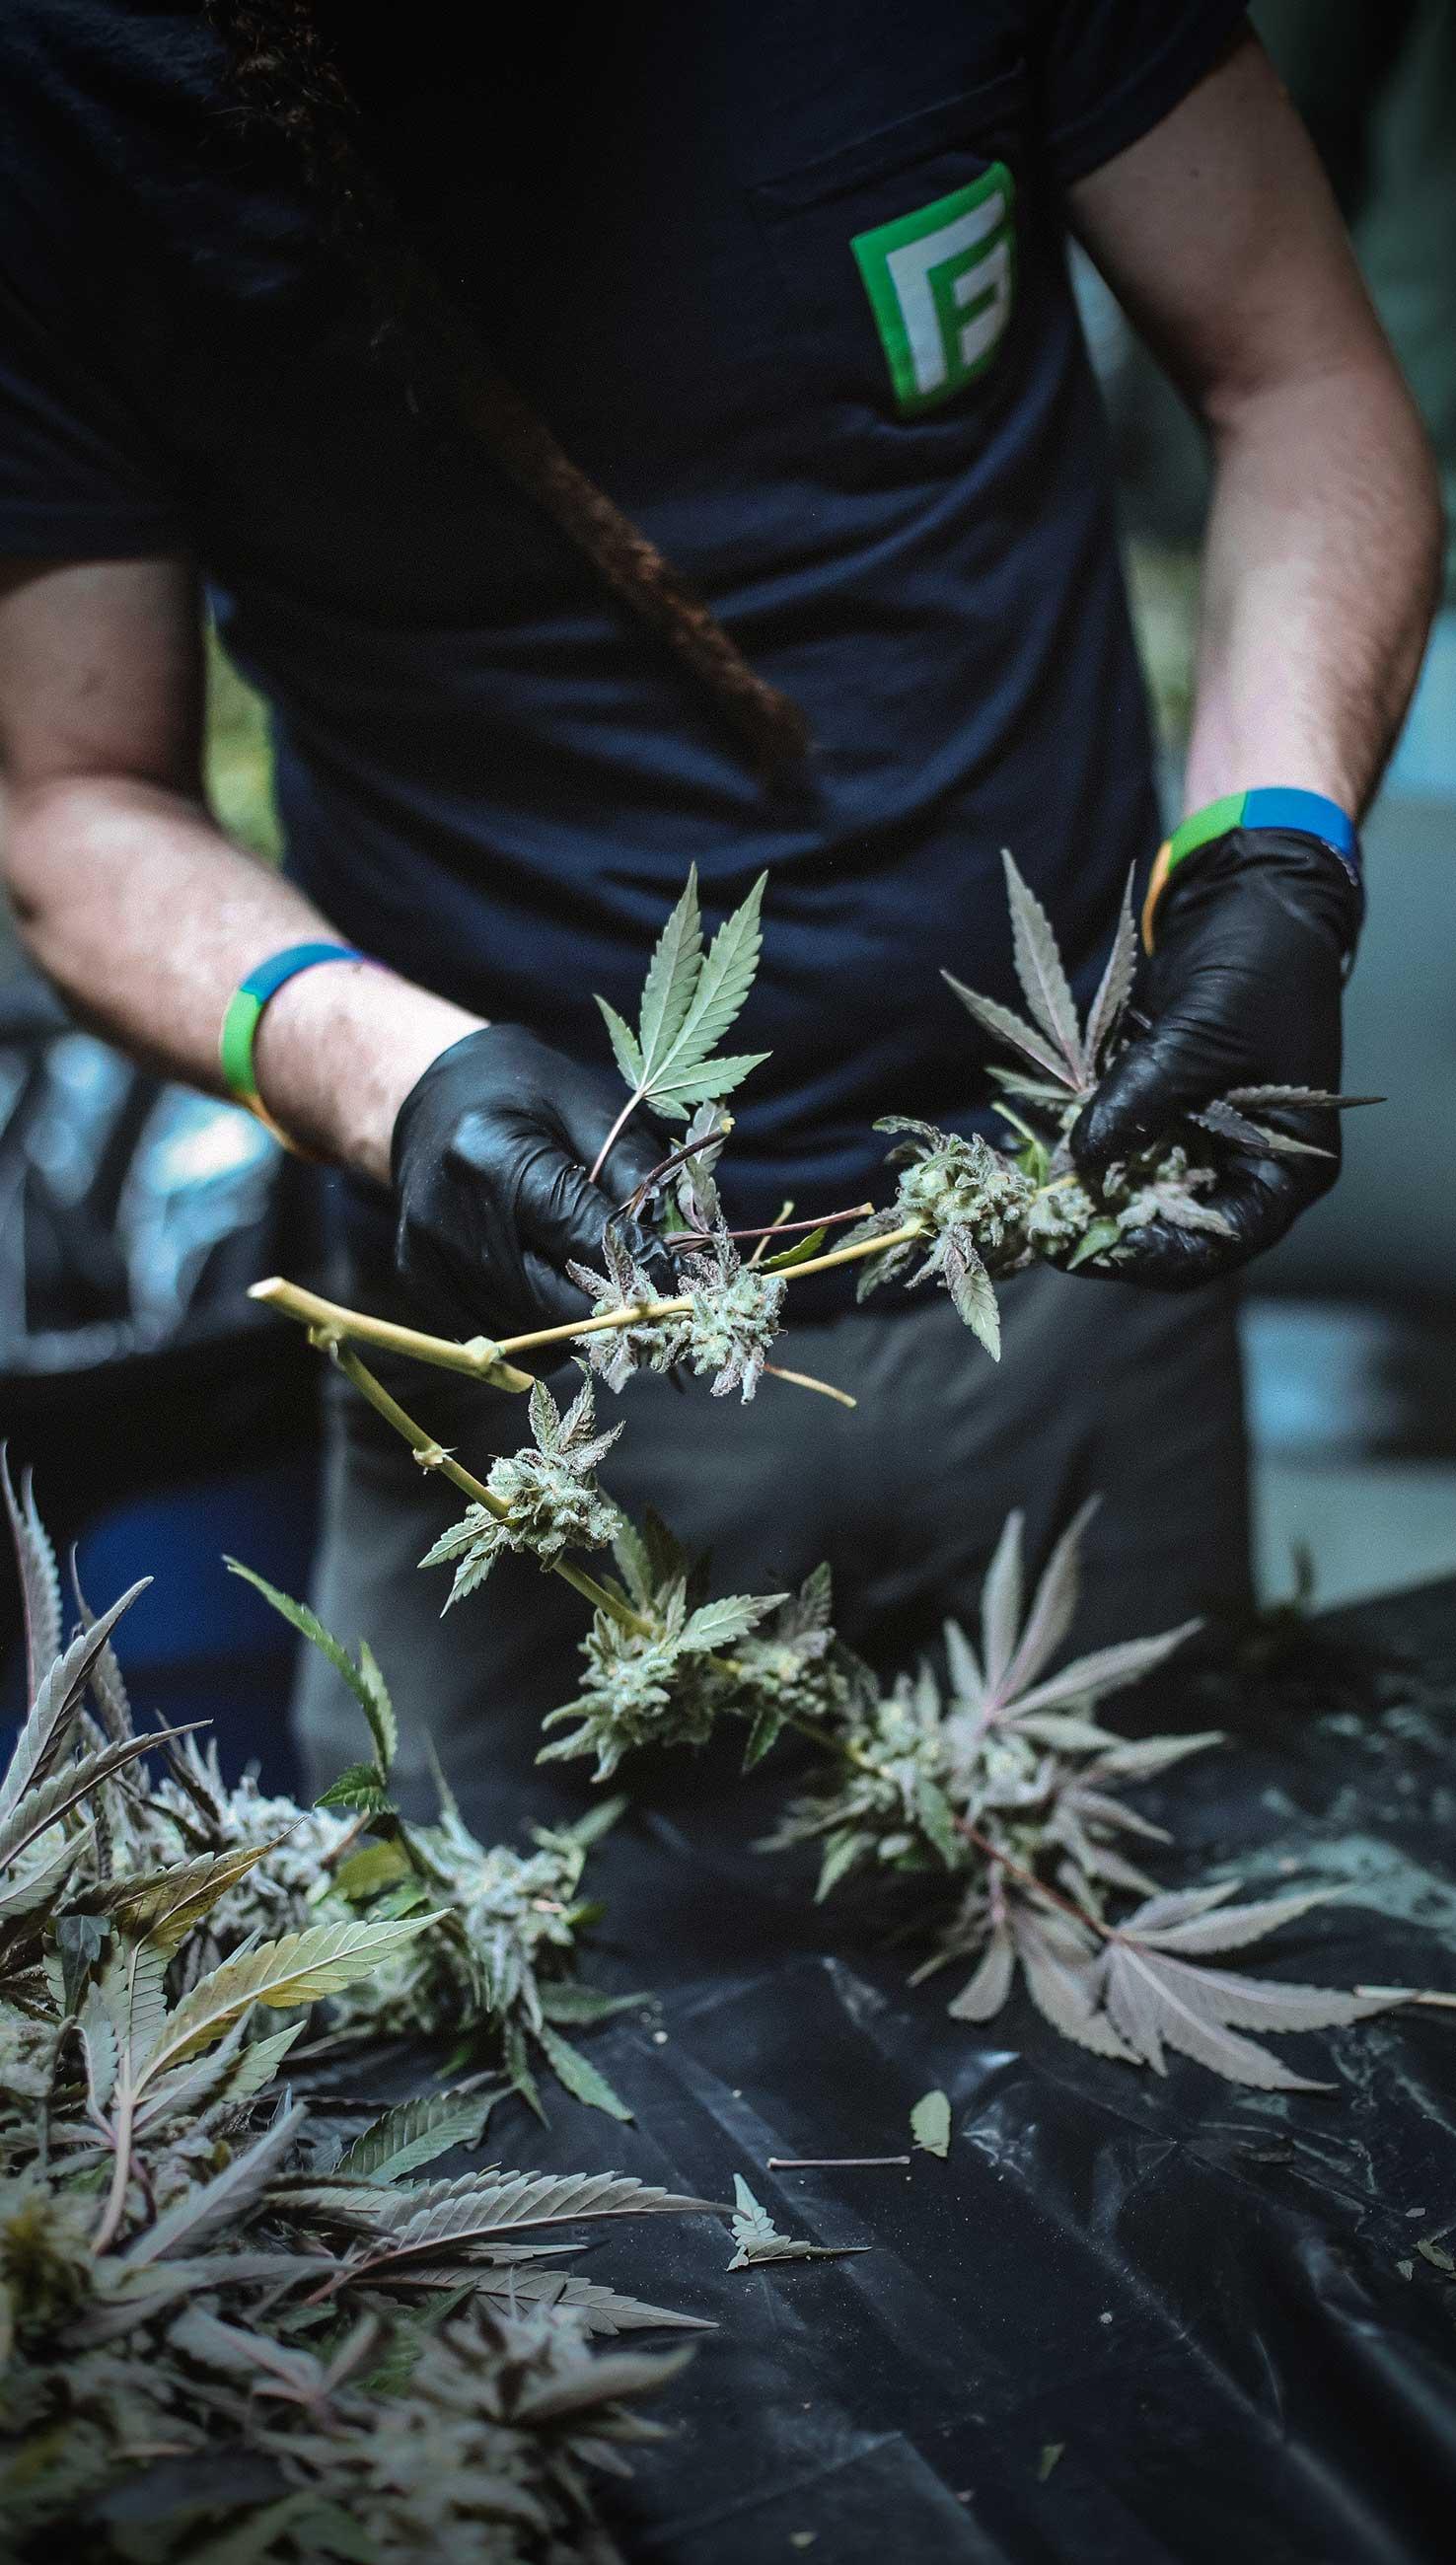 У Мексиці повністю легалізували марихуану. Заборона розповідає, де ще дозволений канабіс і як із цим в Україні